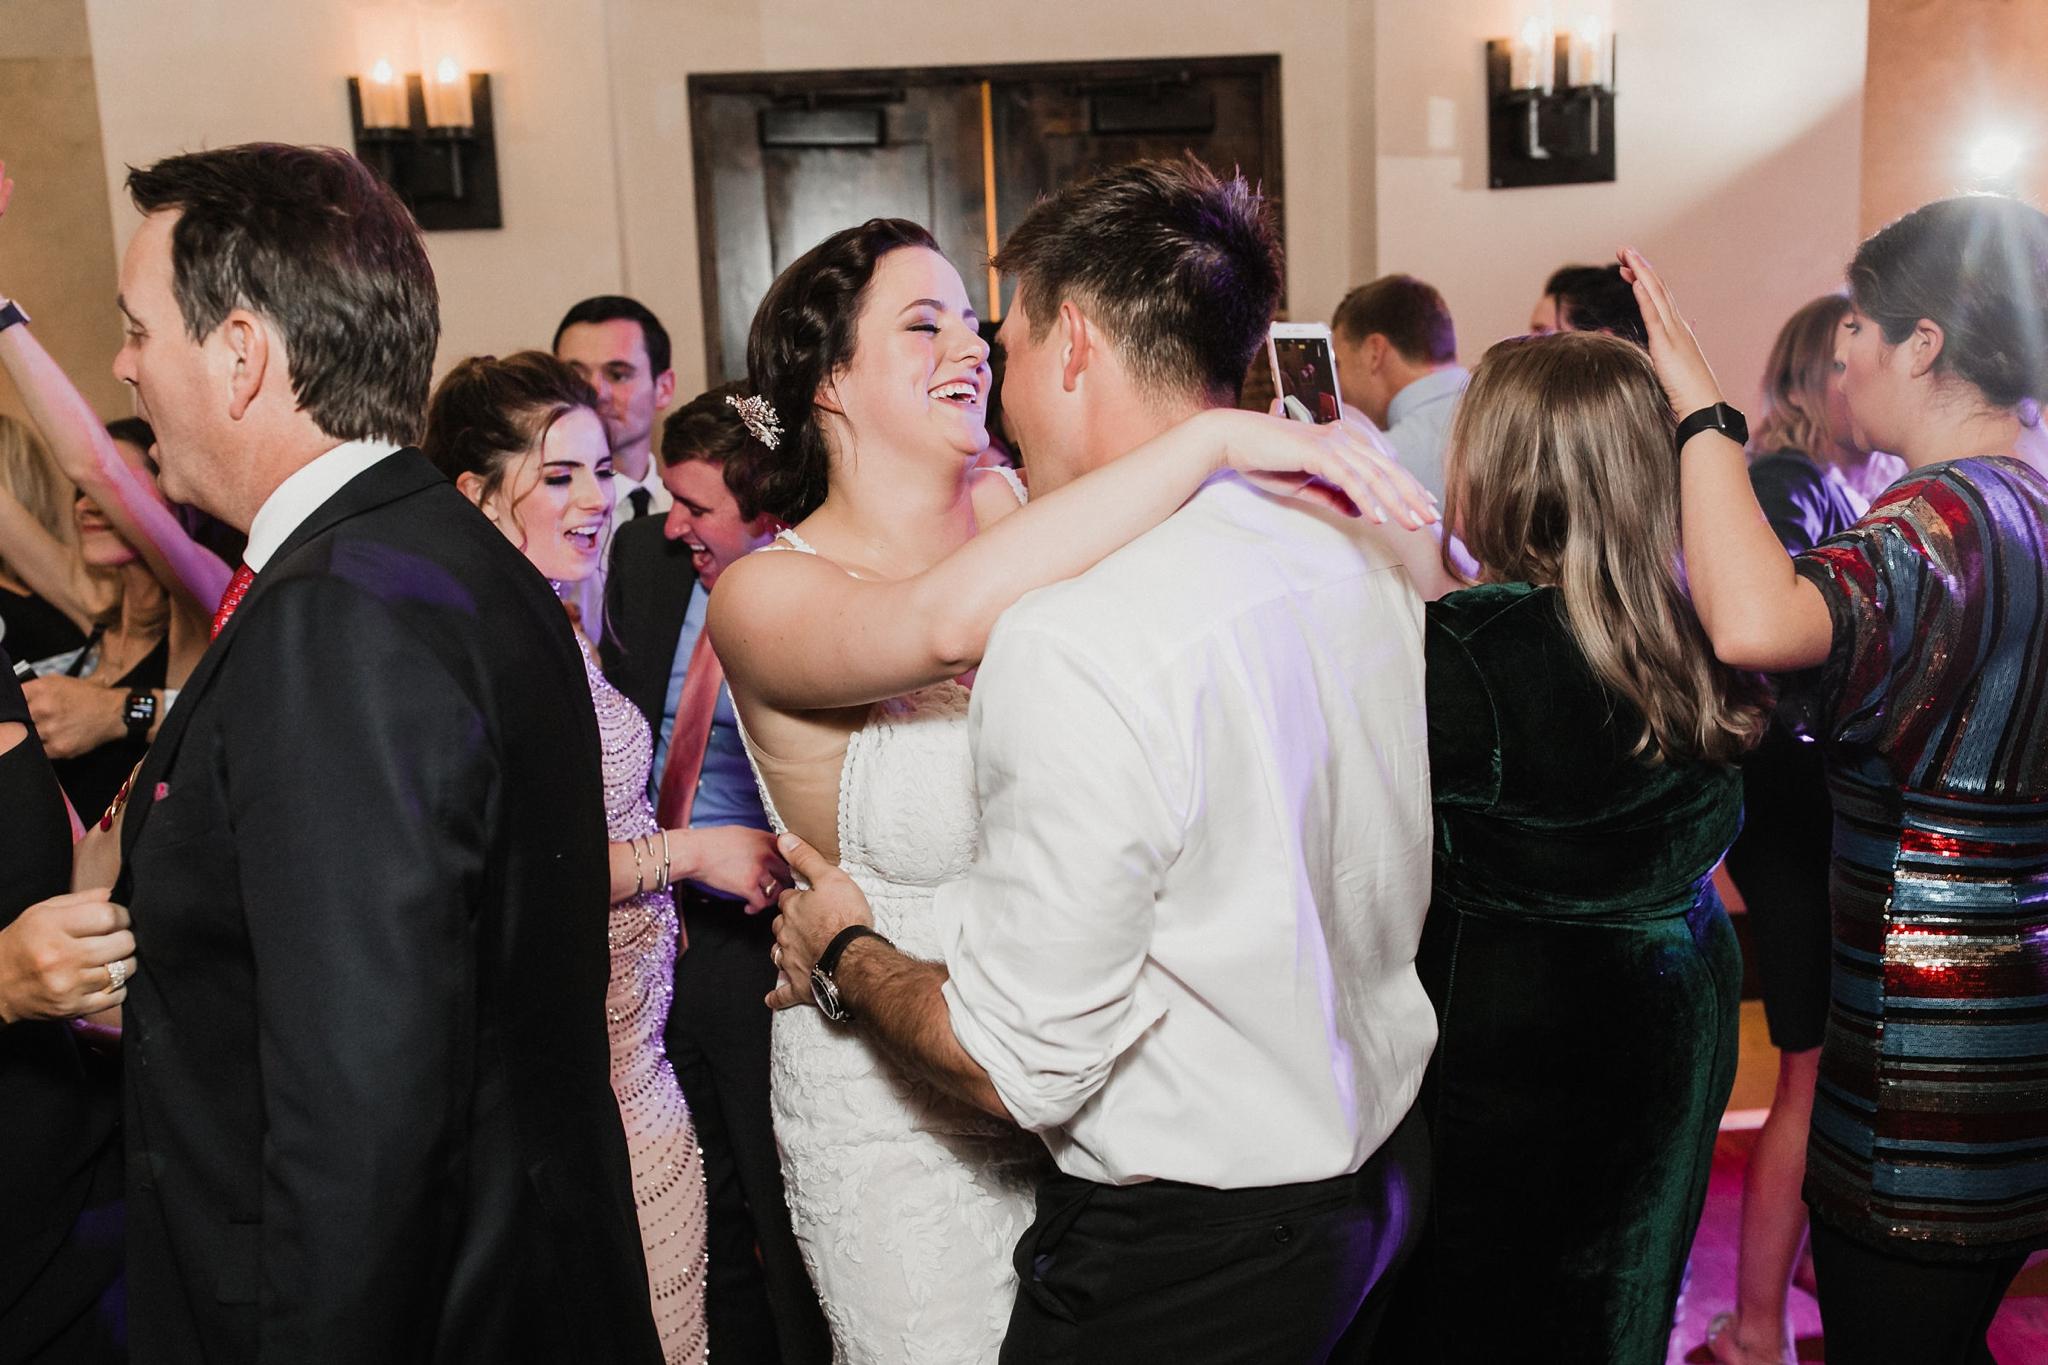 Alicia+lucia+photography+-+albuquerque+wedding+photographer+-+santa+fe+wedding+photography+-+new+mexico+wedding+photographer+-+new+mexico+wedding+-+santa+fe+wedding+-+four+seasons+wedding+-+winter+wedding_0151.jpg